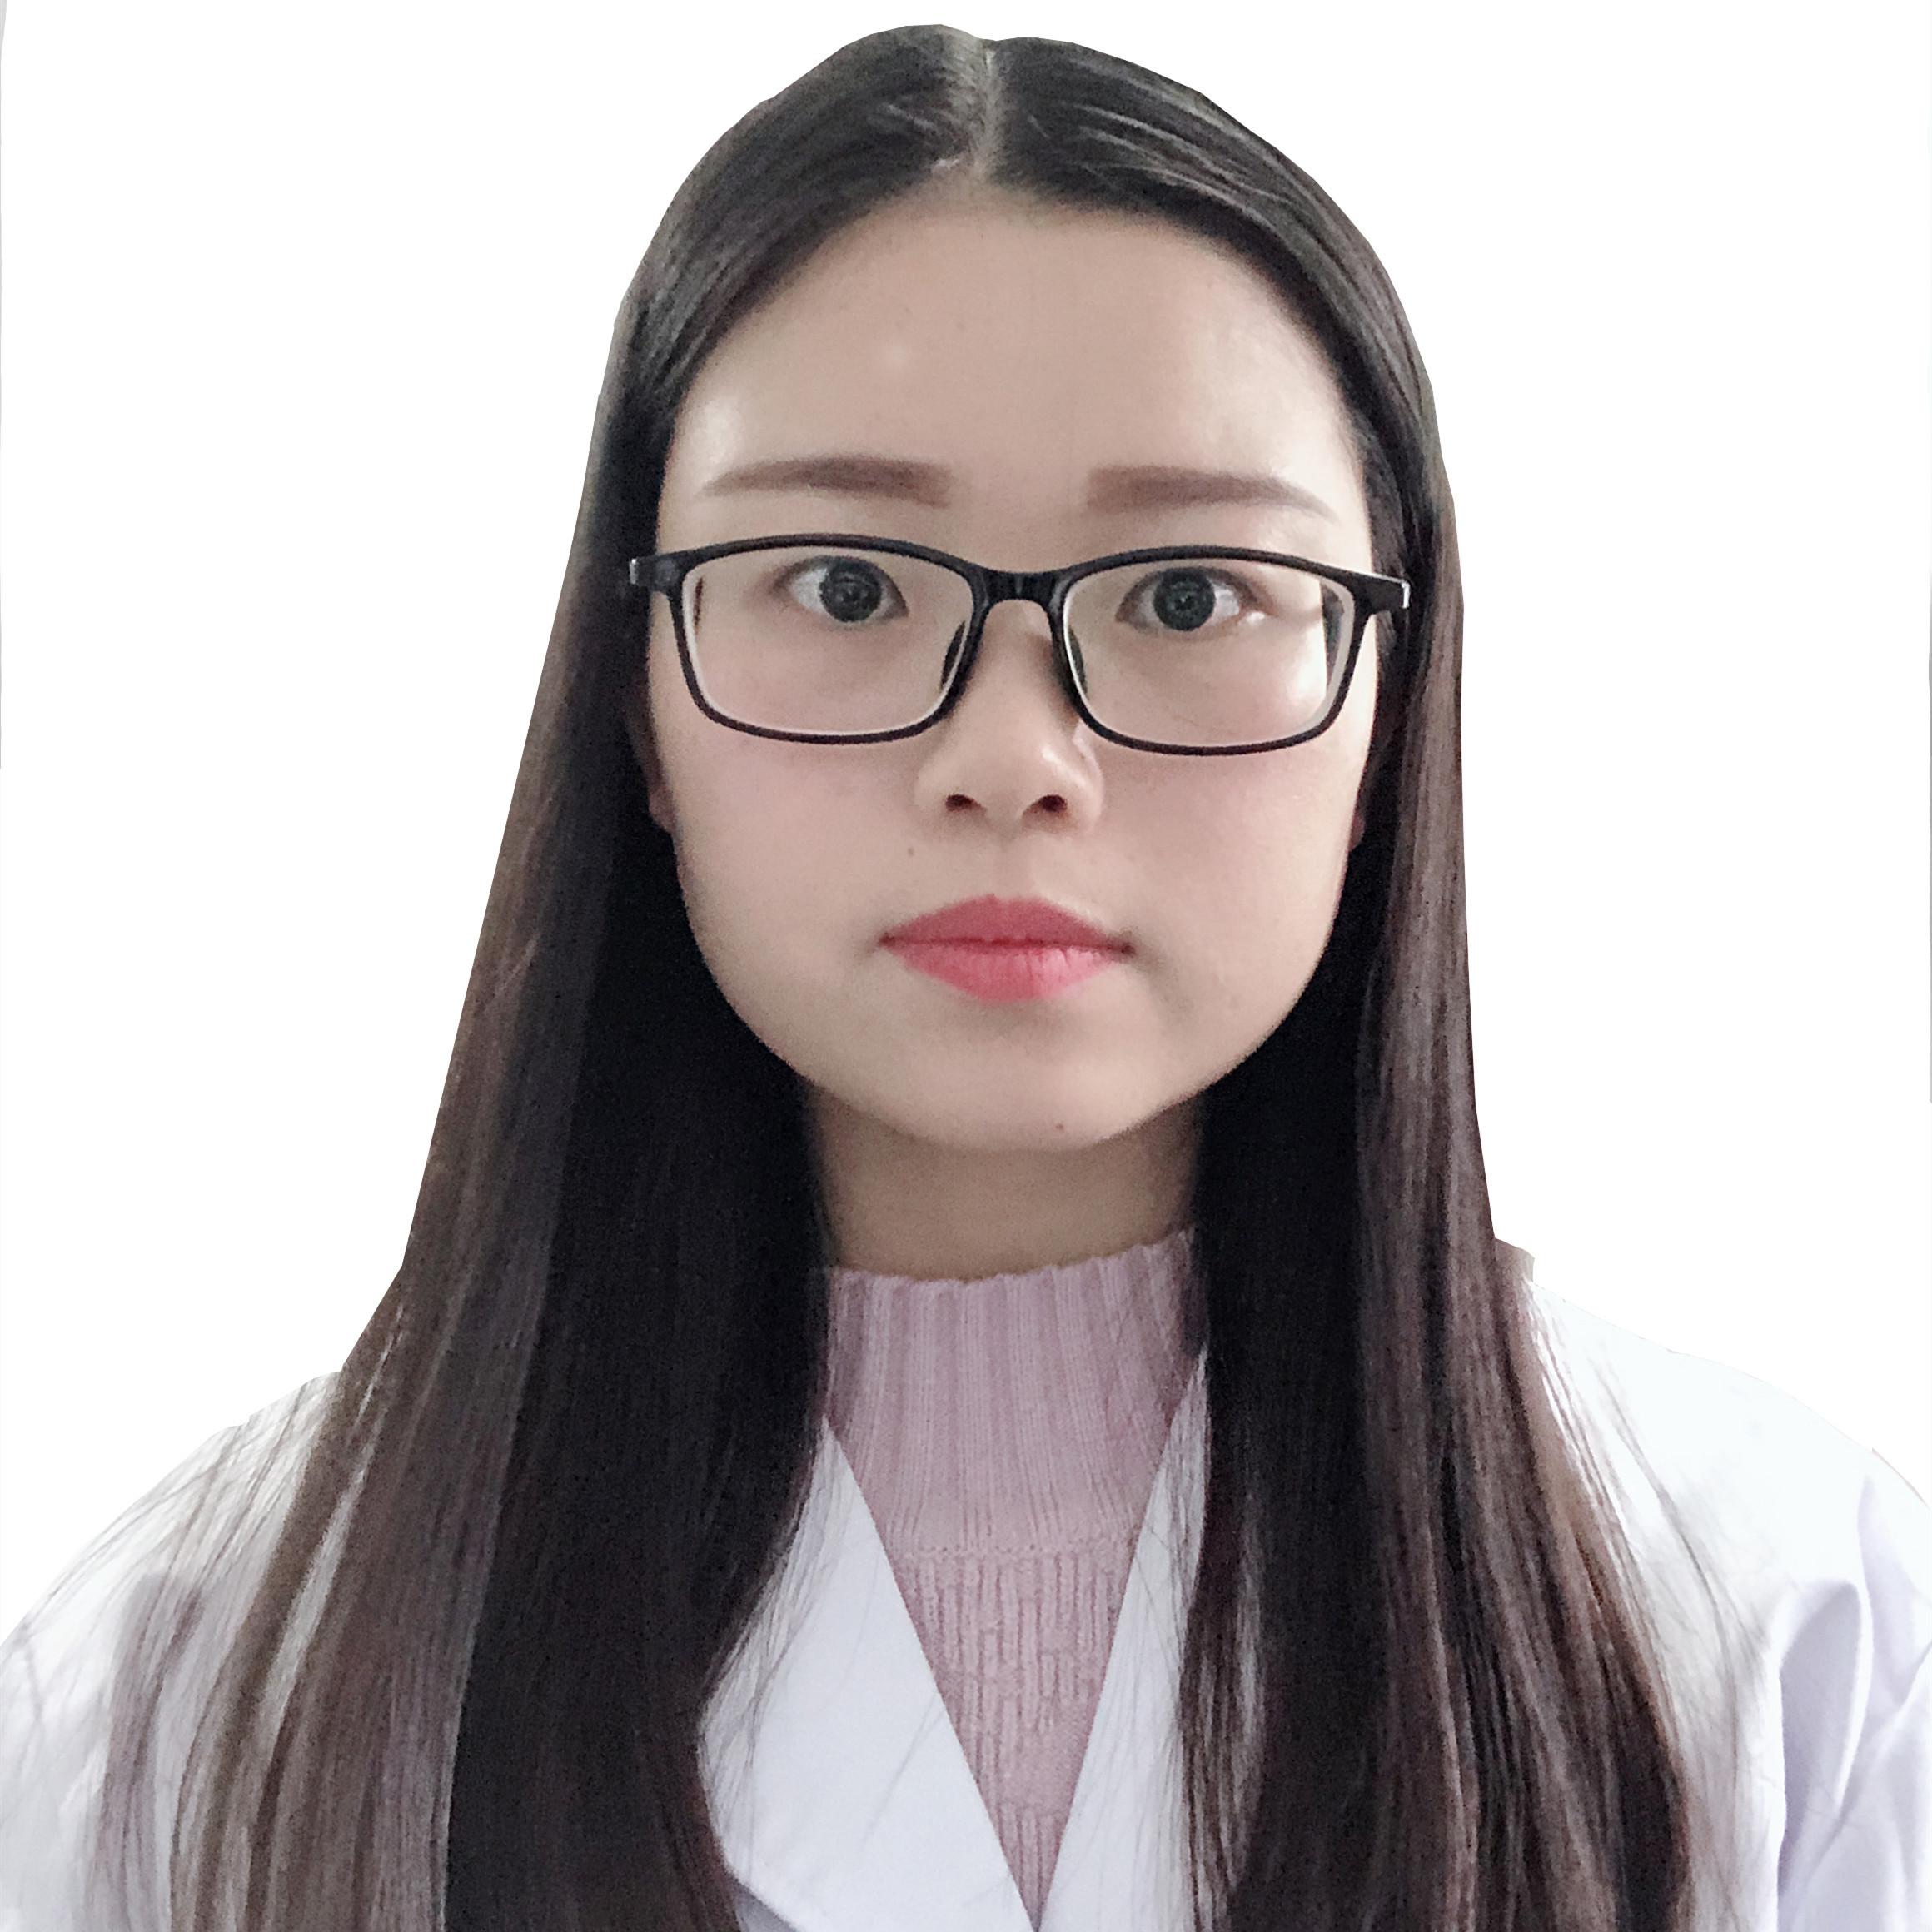 吴媛芳,屹尧科技应用工程师,资深样品前处理专家,多年从事于微波化学与样品前处理研究与应用,具有丰富的微波消解理论与研究经验。